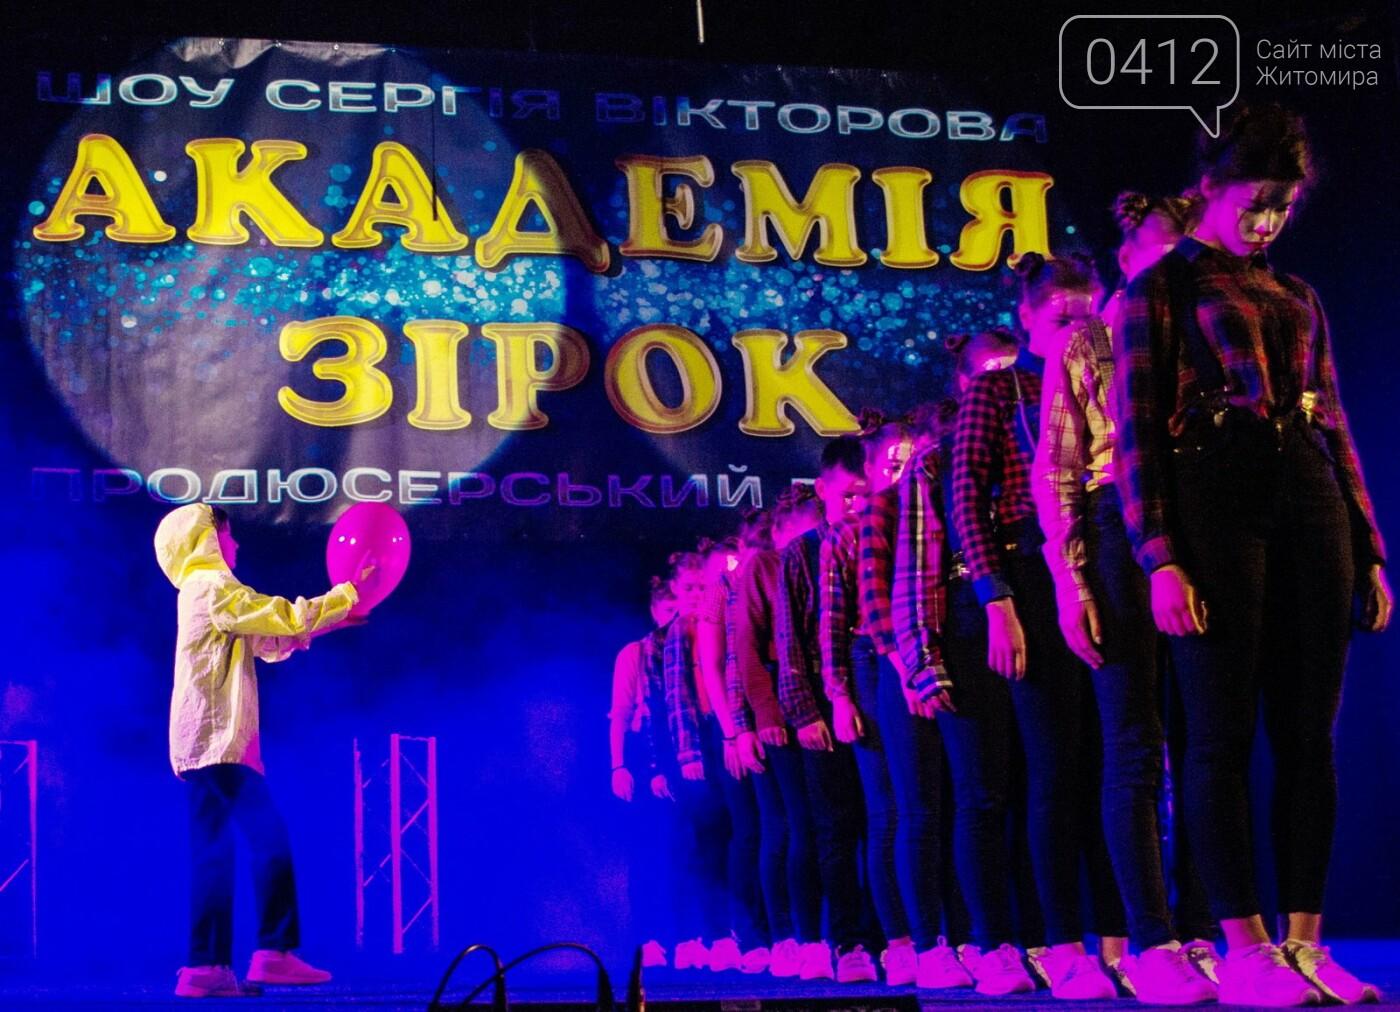 """У Житомирі провели щорічну молодіжну патріотично-мистецьку акцію """"Я люблю Україну свою-2018"""", фото-19"""